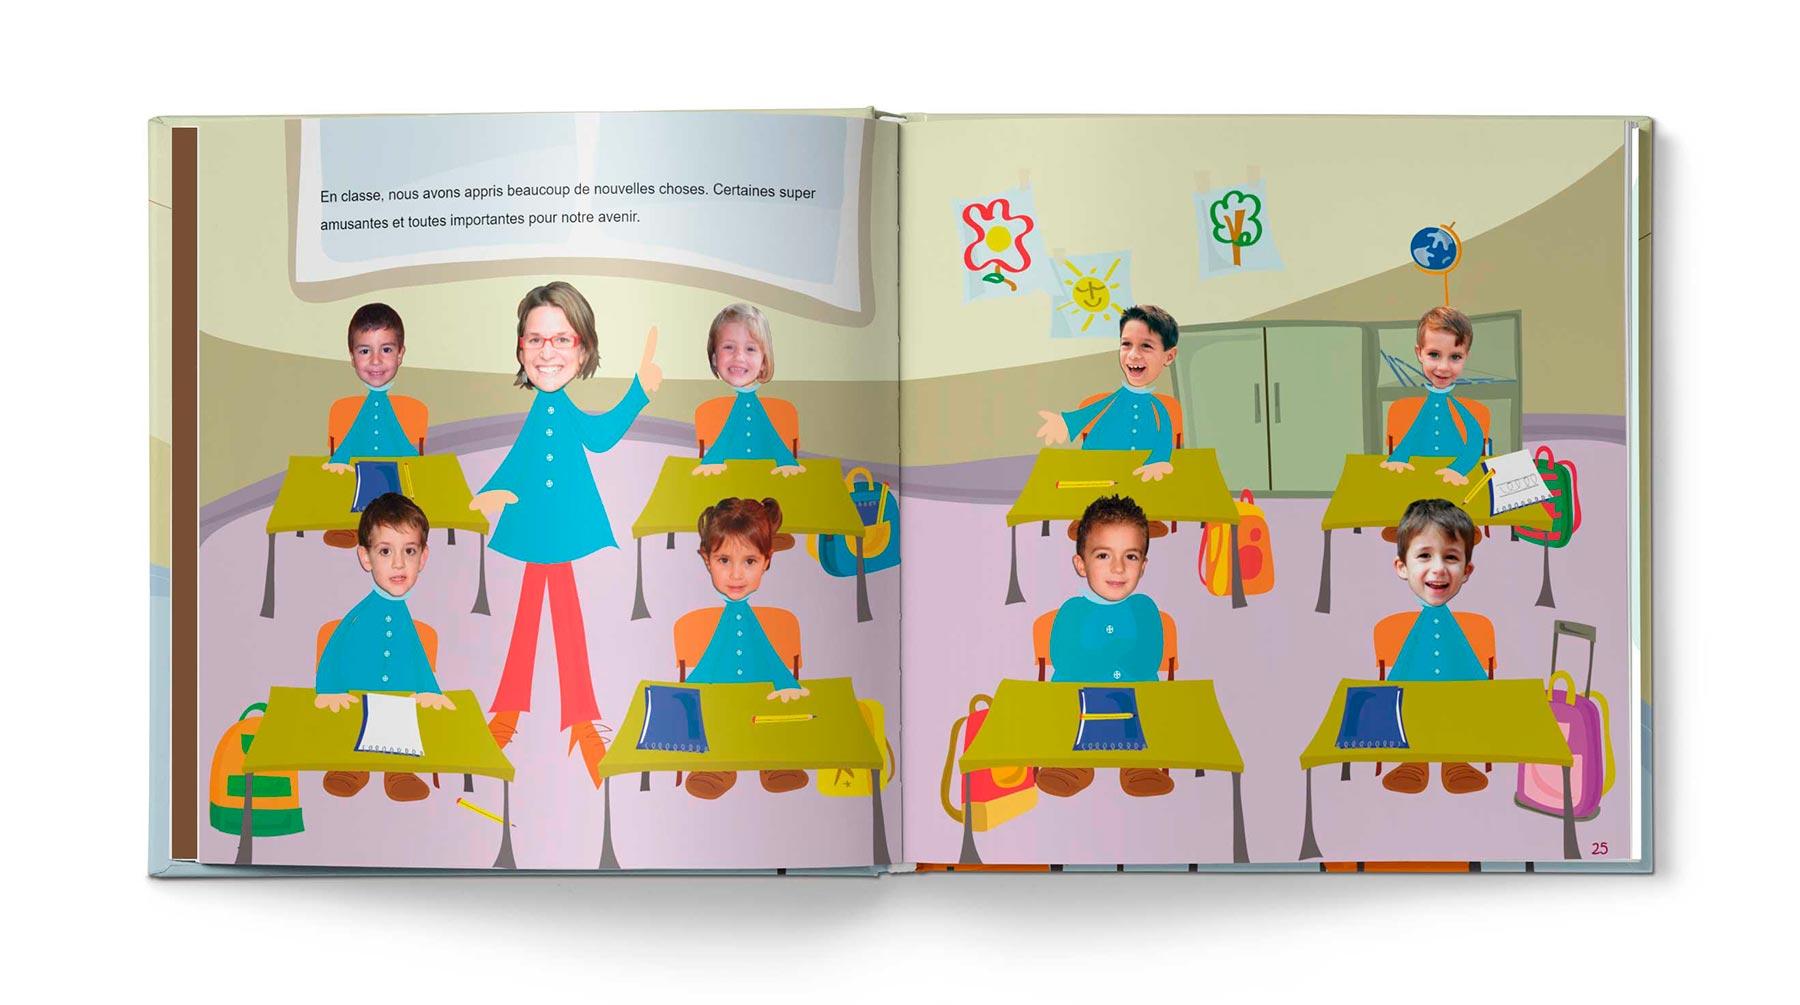 Histoire Le livre d'école - Image 12